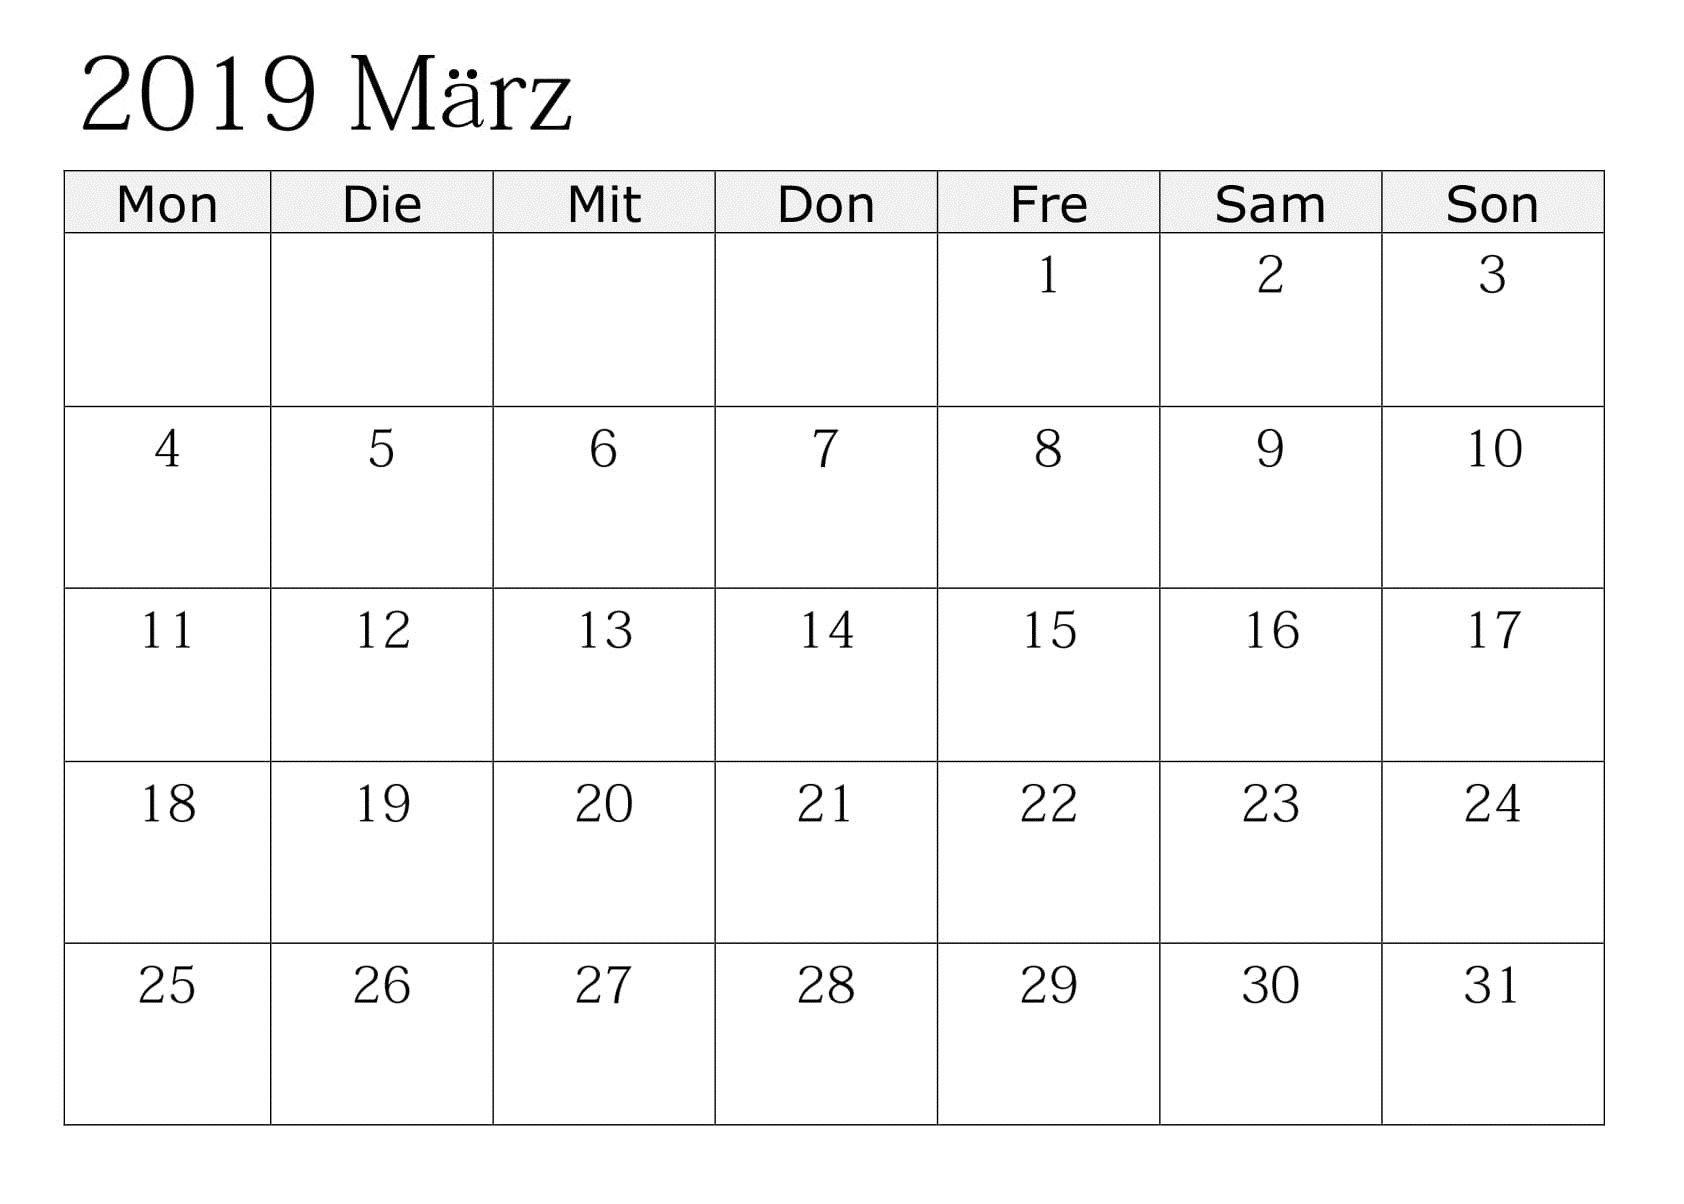 Imprimir Calendario De Enero 2019 Más Populares Kalender März 2019 Zum Ausdrucken Of Imprimir Calendario De Enero 2019 Actual Informaci³n Make A 2019 Calendar In Excel